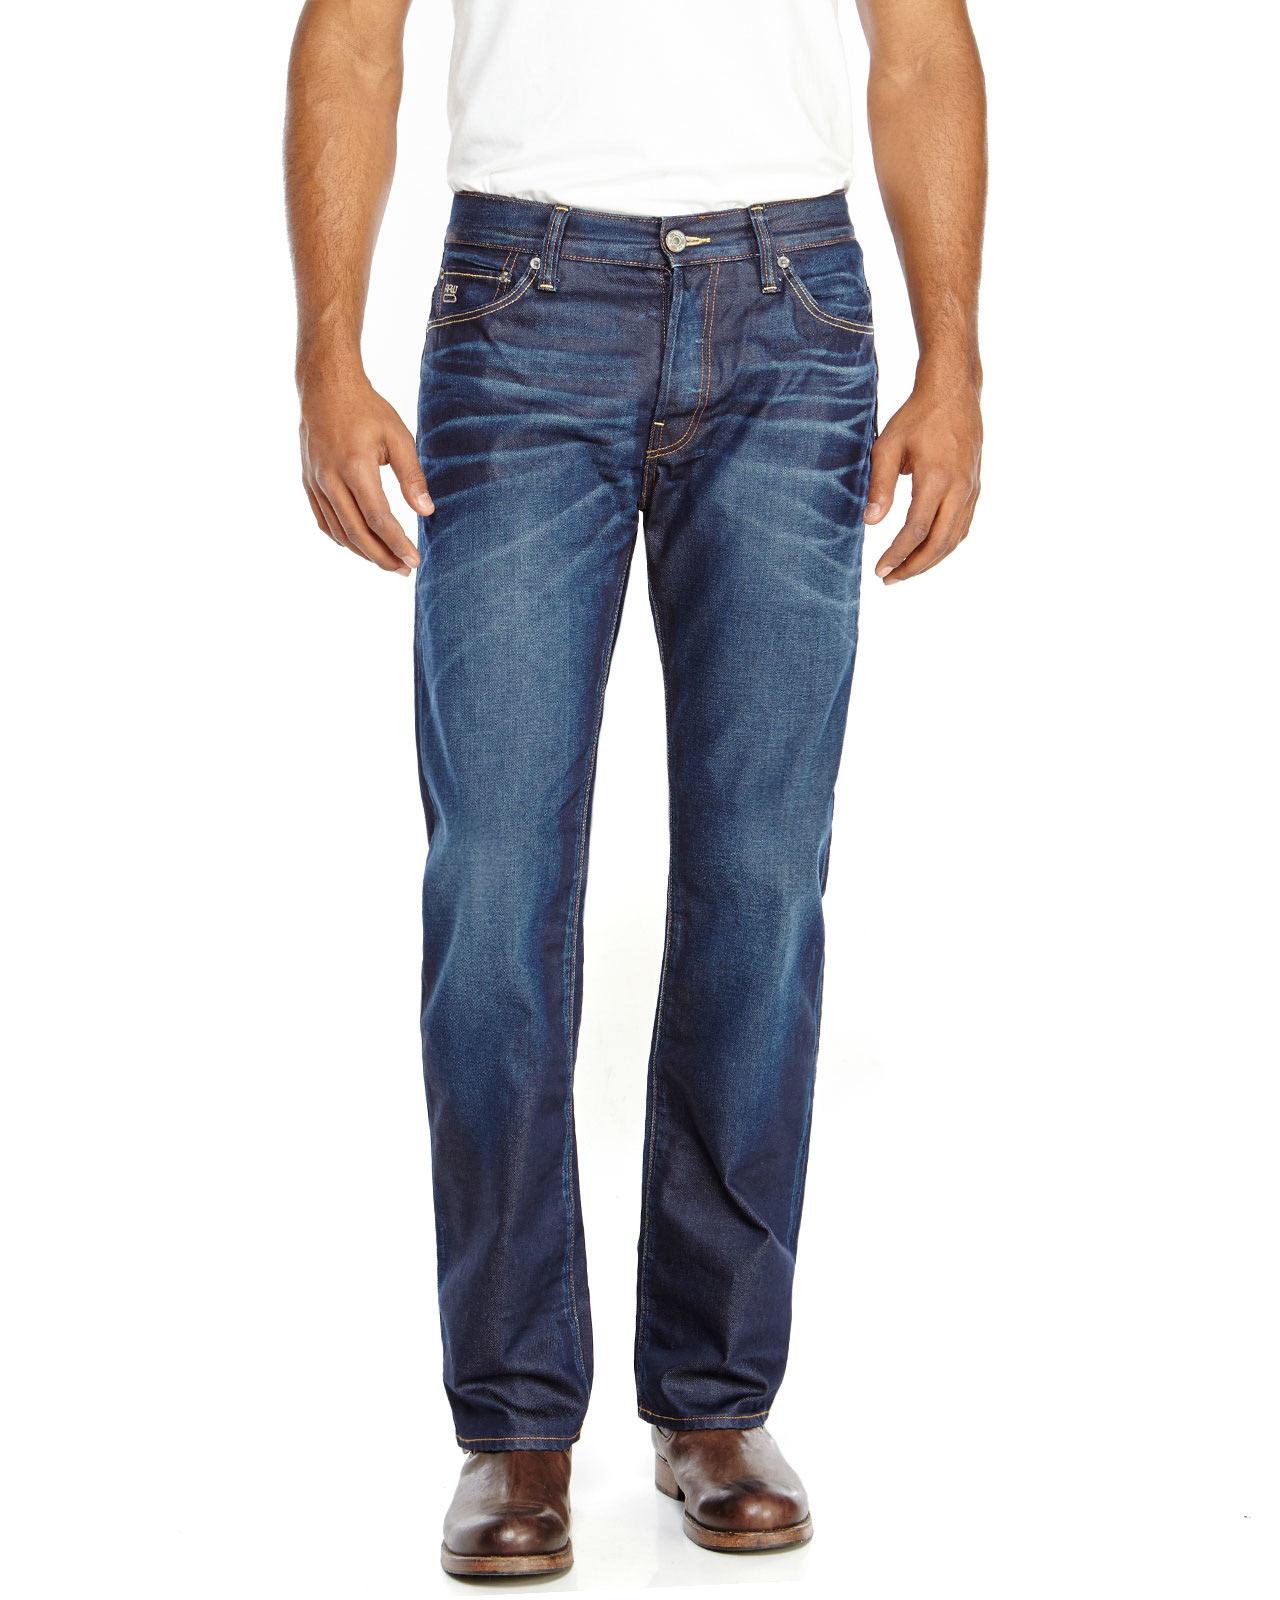 g star raw 3301 loose fit dark wash jeans in blue for men. Black Bedroom Furniture Sets. Home Design Ideas